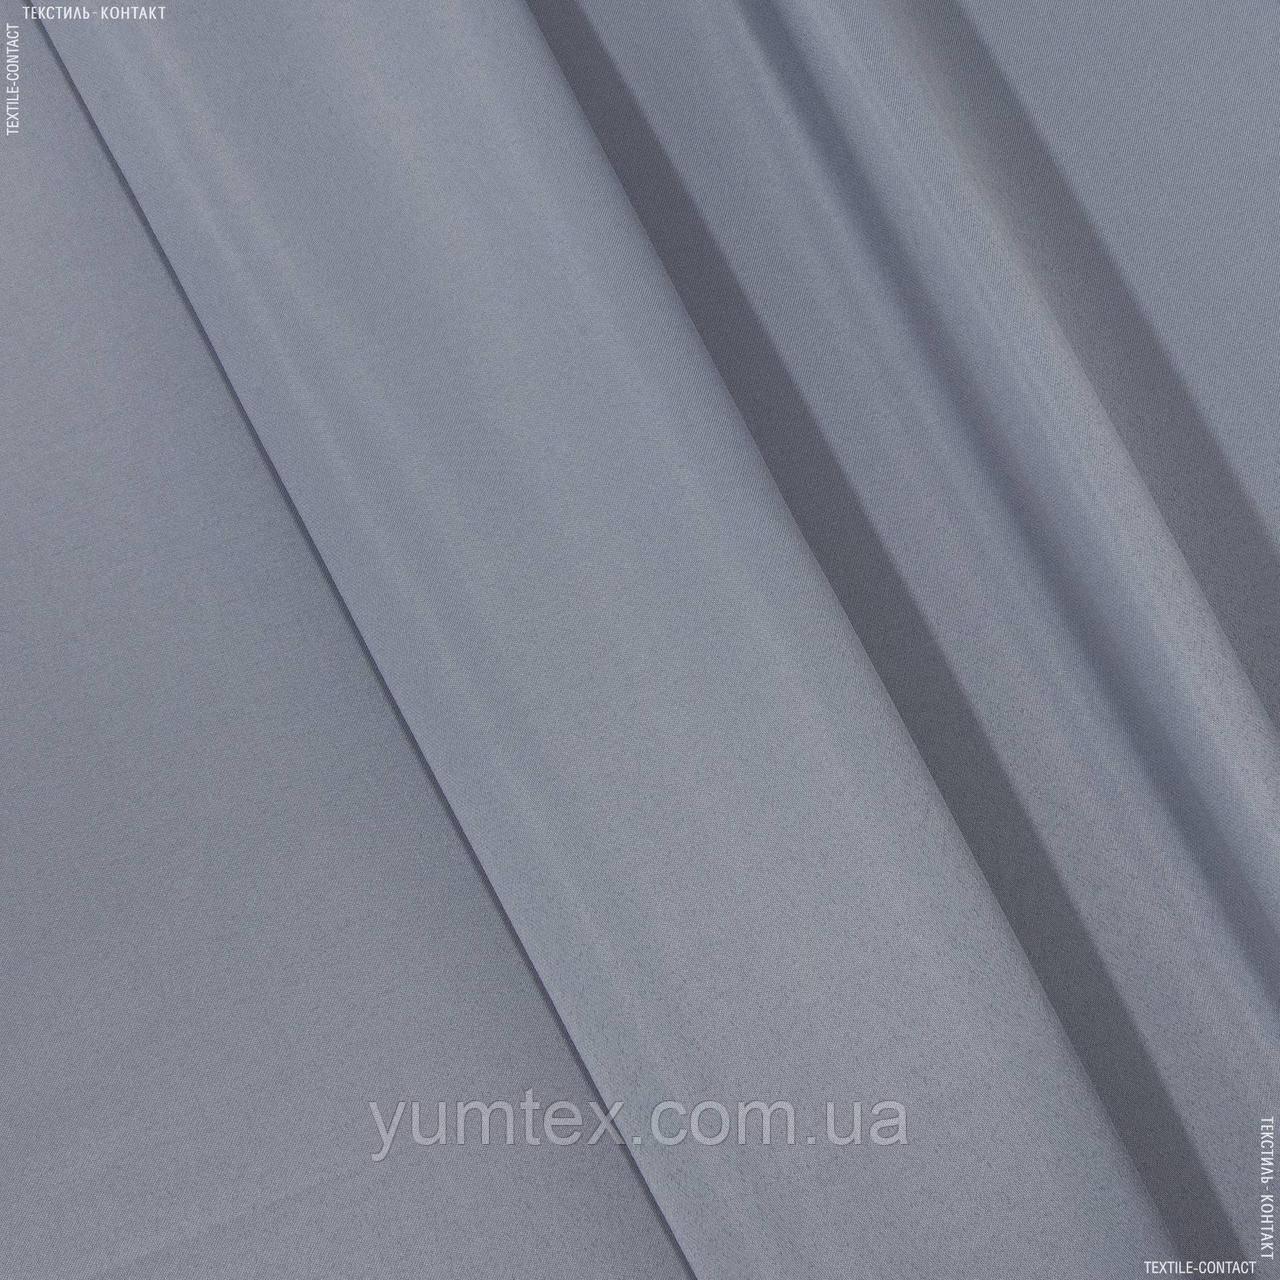 Декоративный атлас корсика серо-стальной 140815